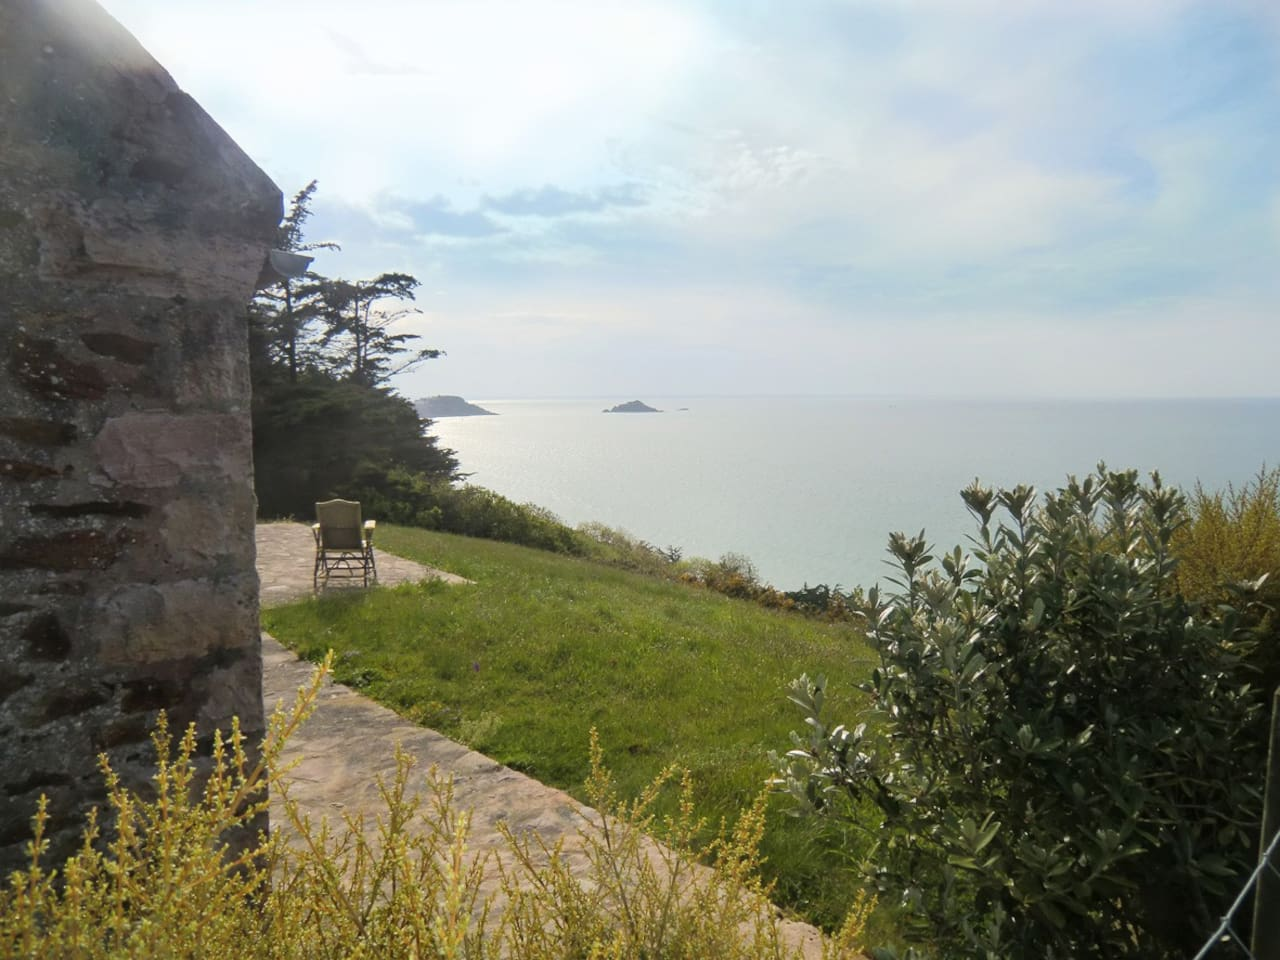 Maison de charme sur la falaise, avec vue à 180° sur la mer, côte sauvage,  Golf à proximité.